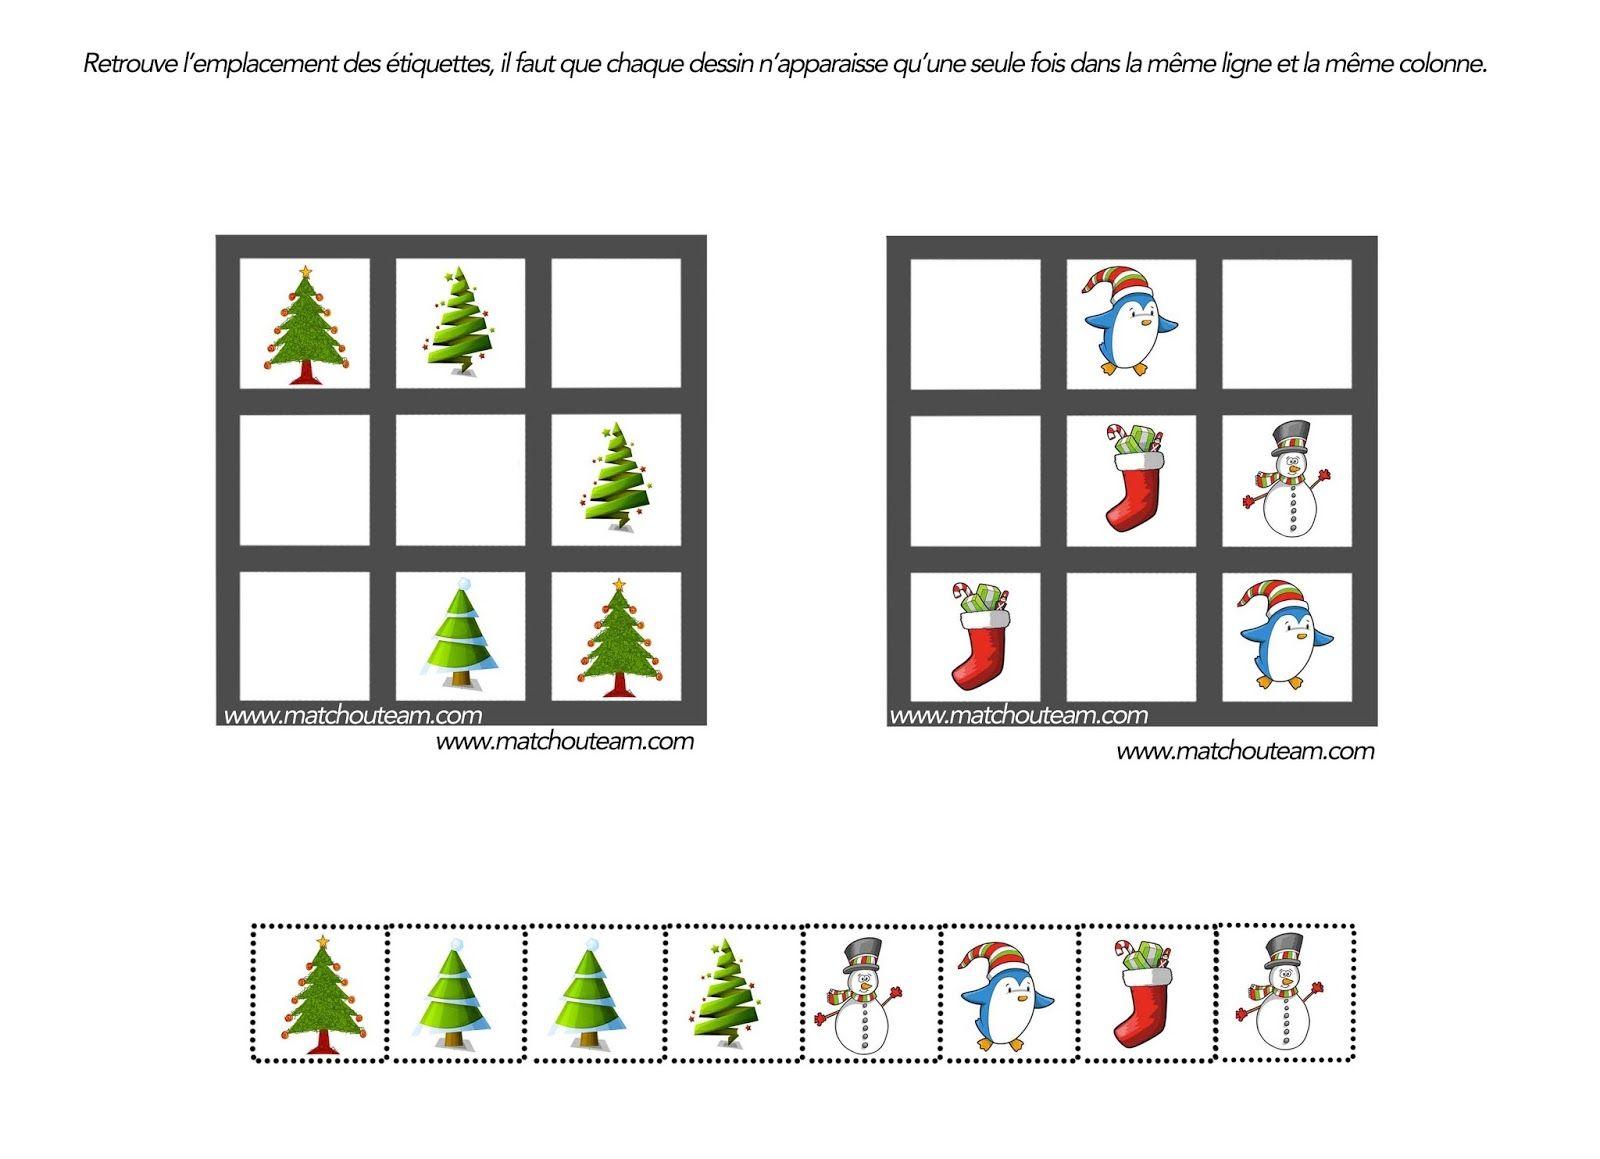 Coloriages Et Jeux Pour Noël | Jeux Noel, Noël Maternelle encequiconcerne Jeux Maternelle En Ligne